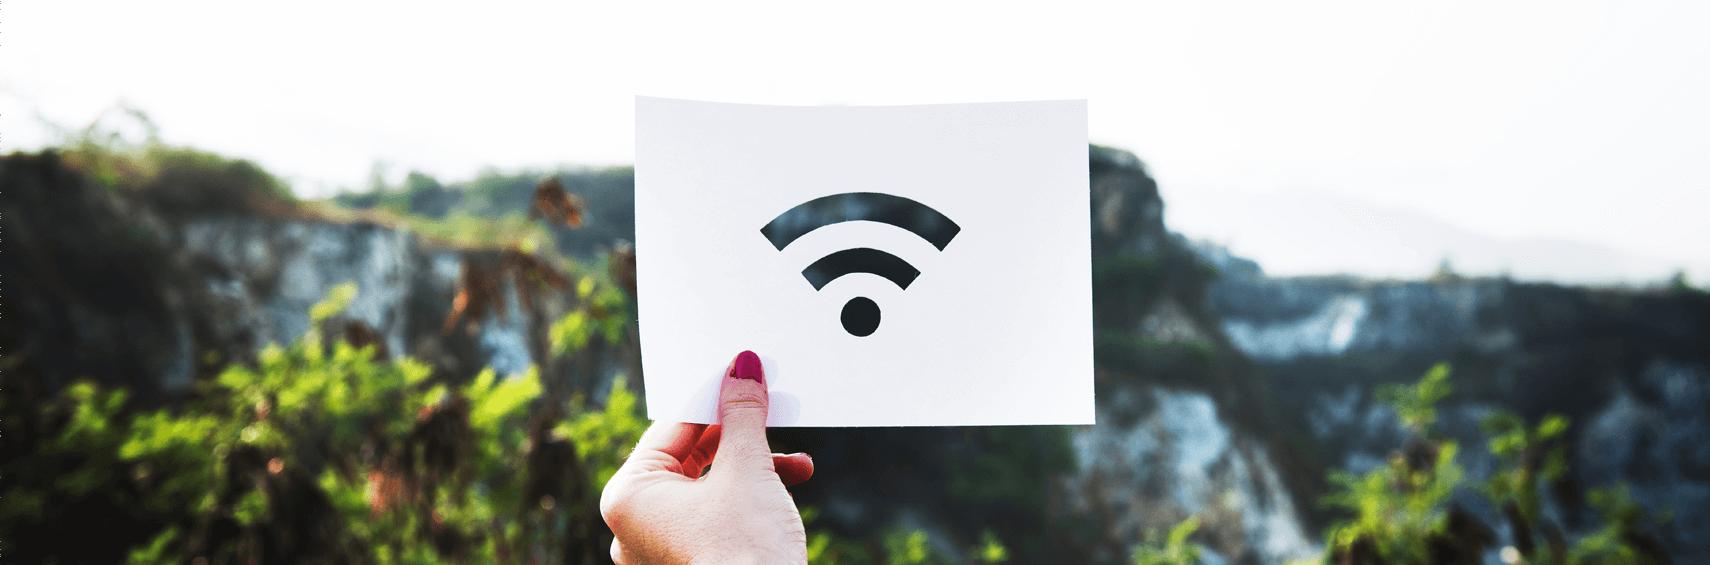 Портал предоставления Wi-Fi услуг